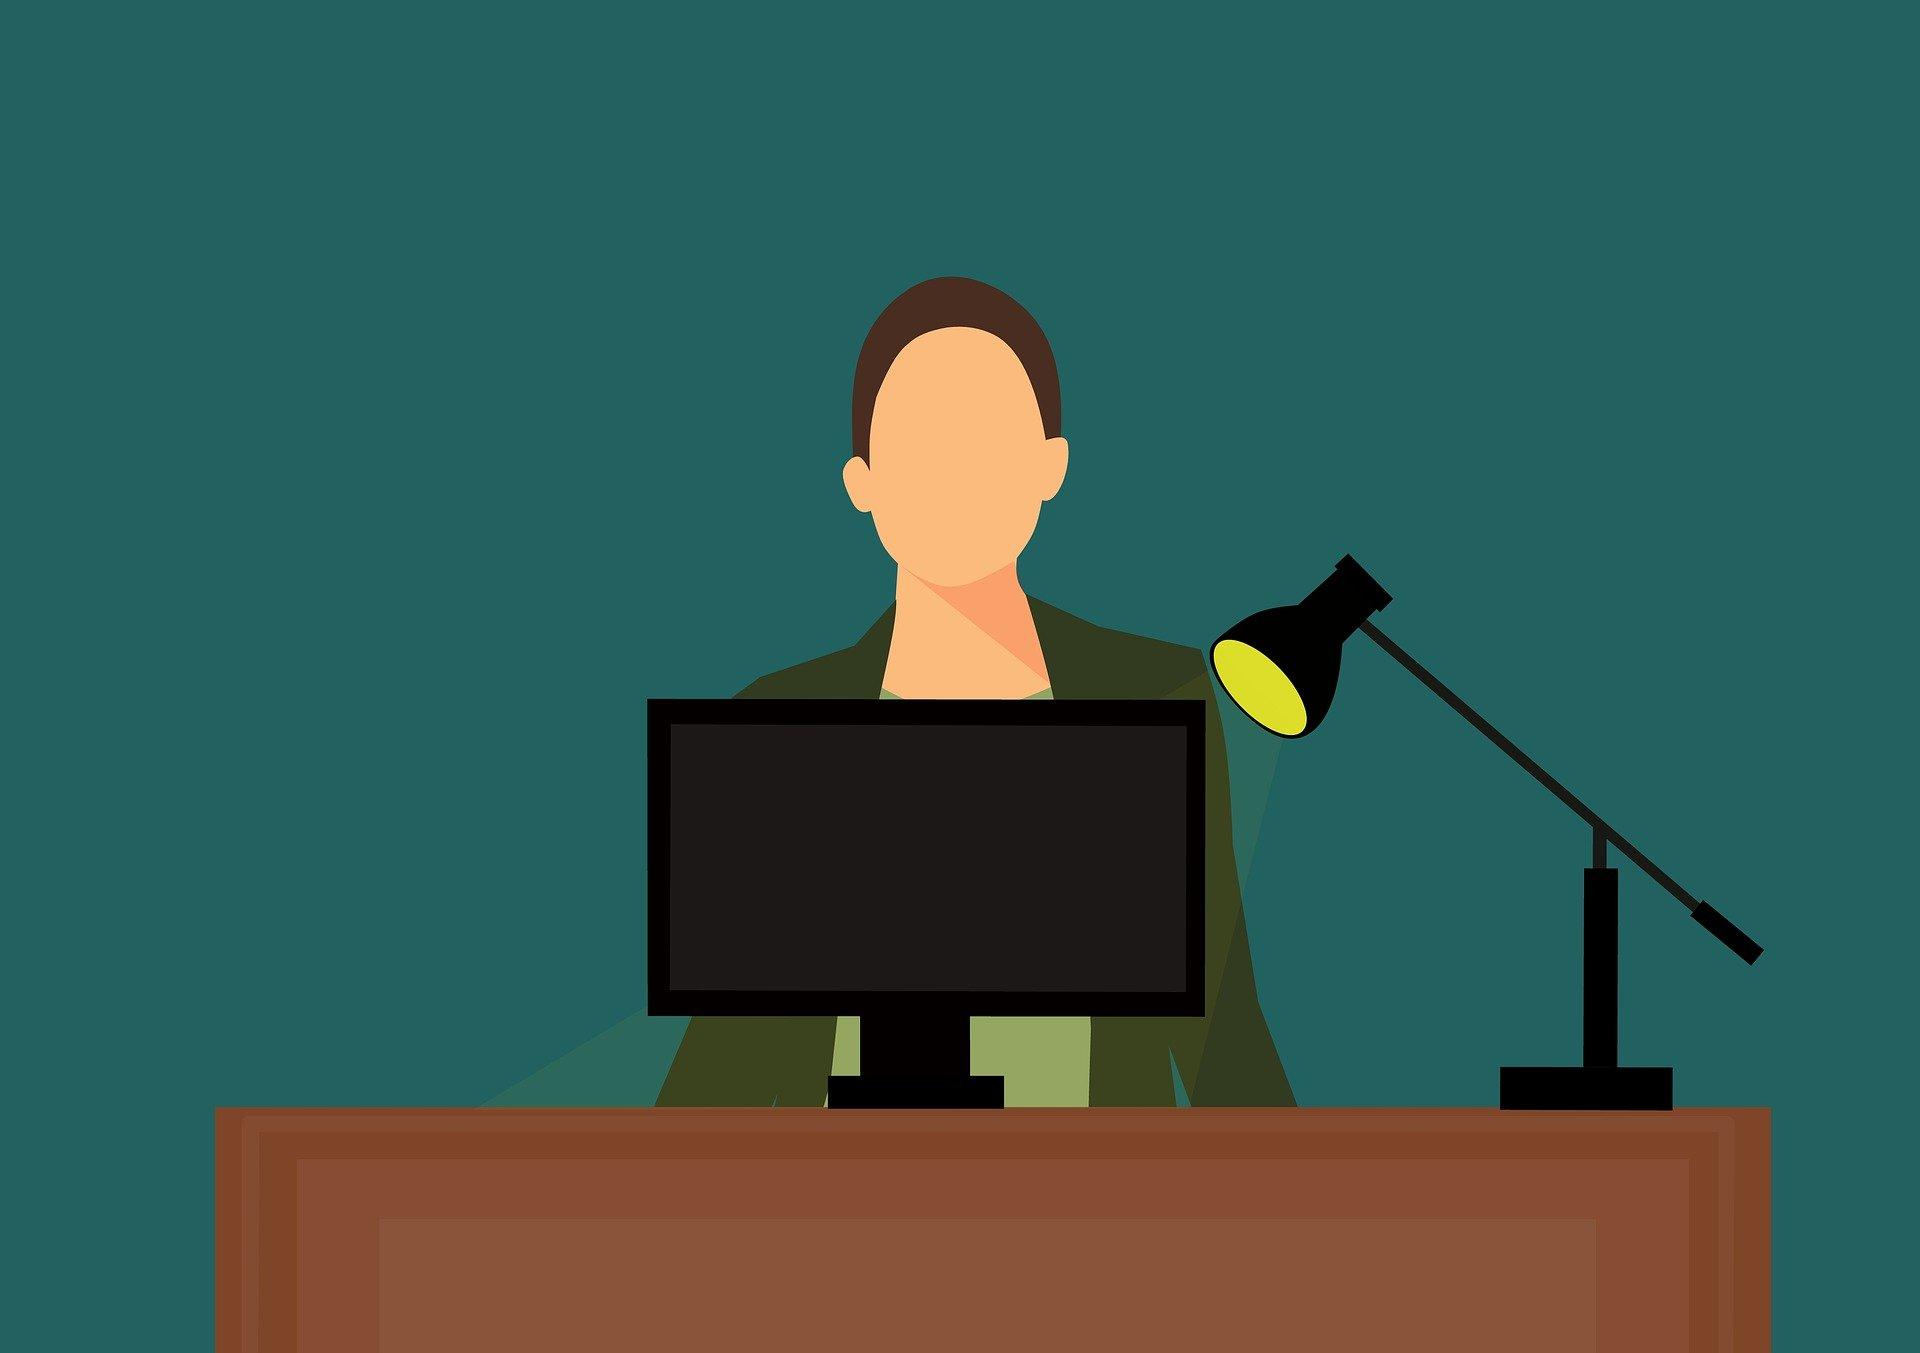 pregi lavorare da casa copywriter freelance